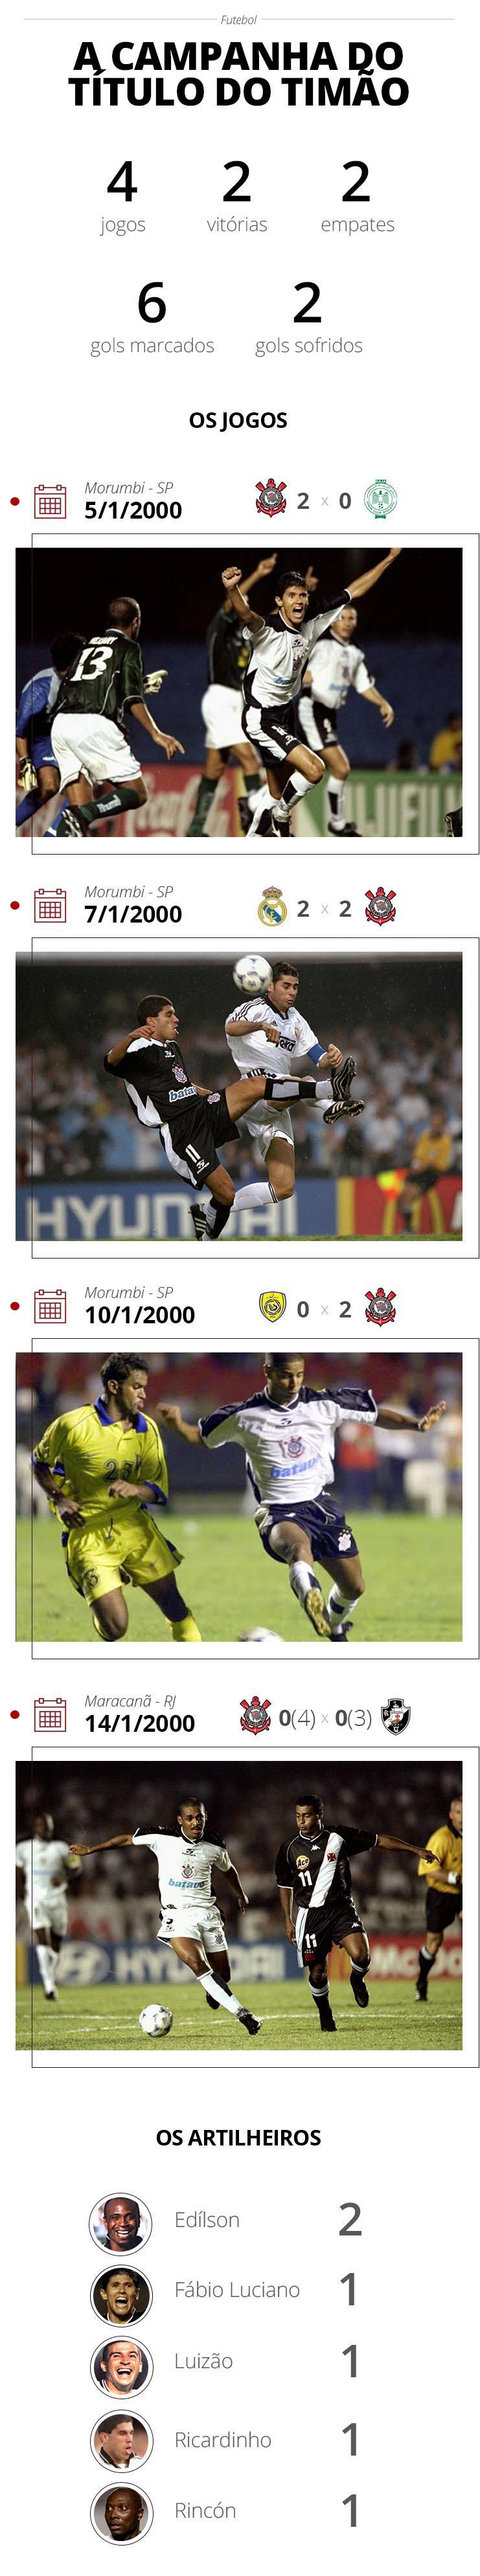 Versão 3 - Campanha do Timão 2000 - GloboEsporte.com